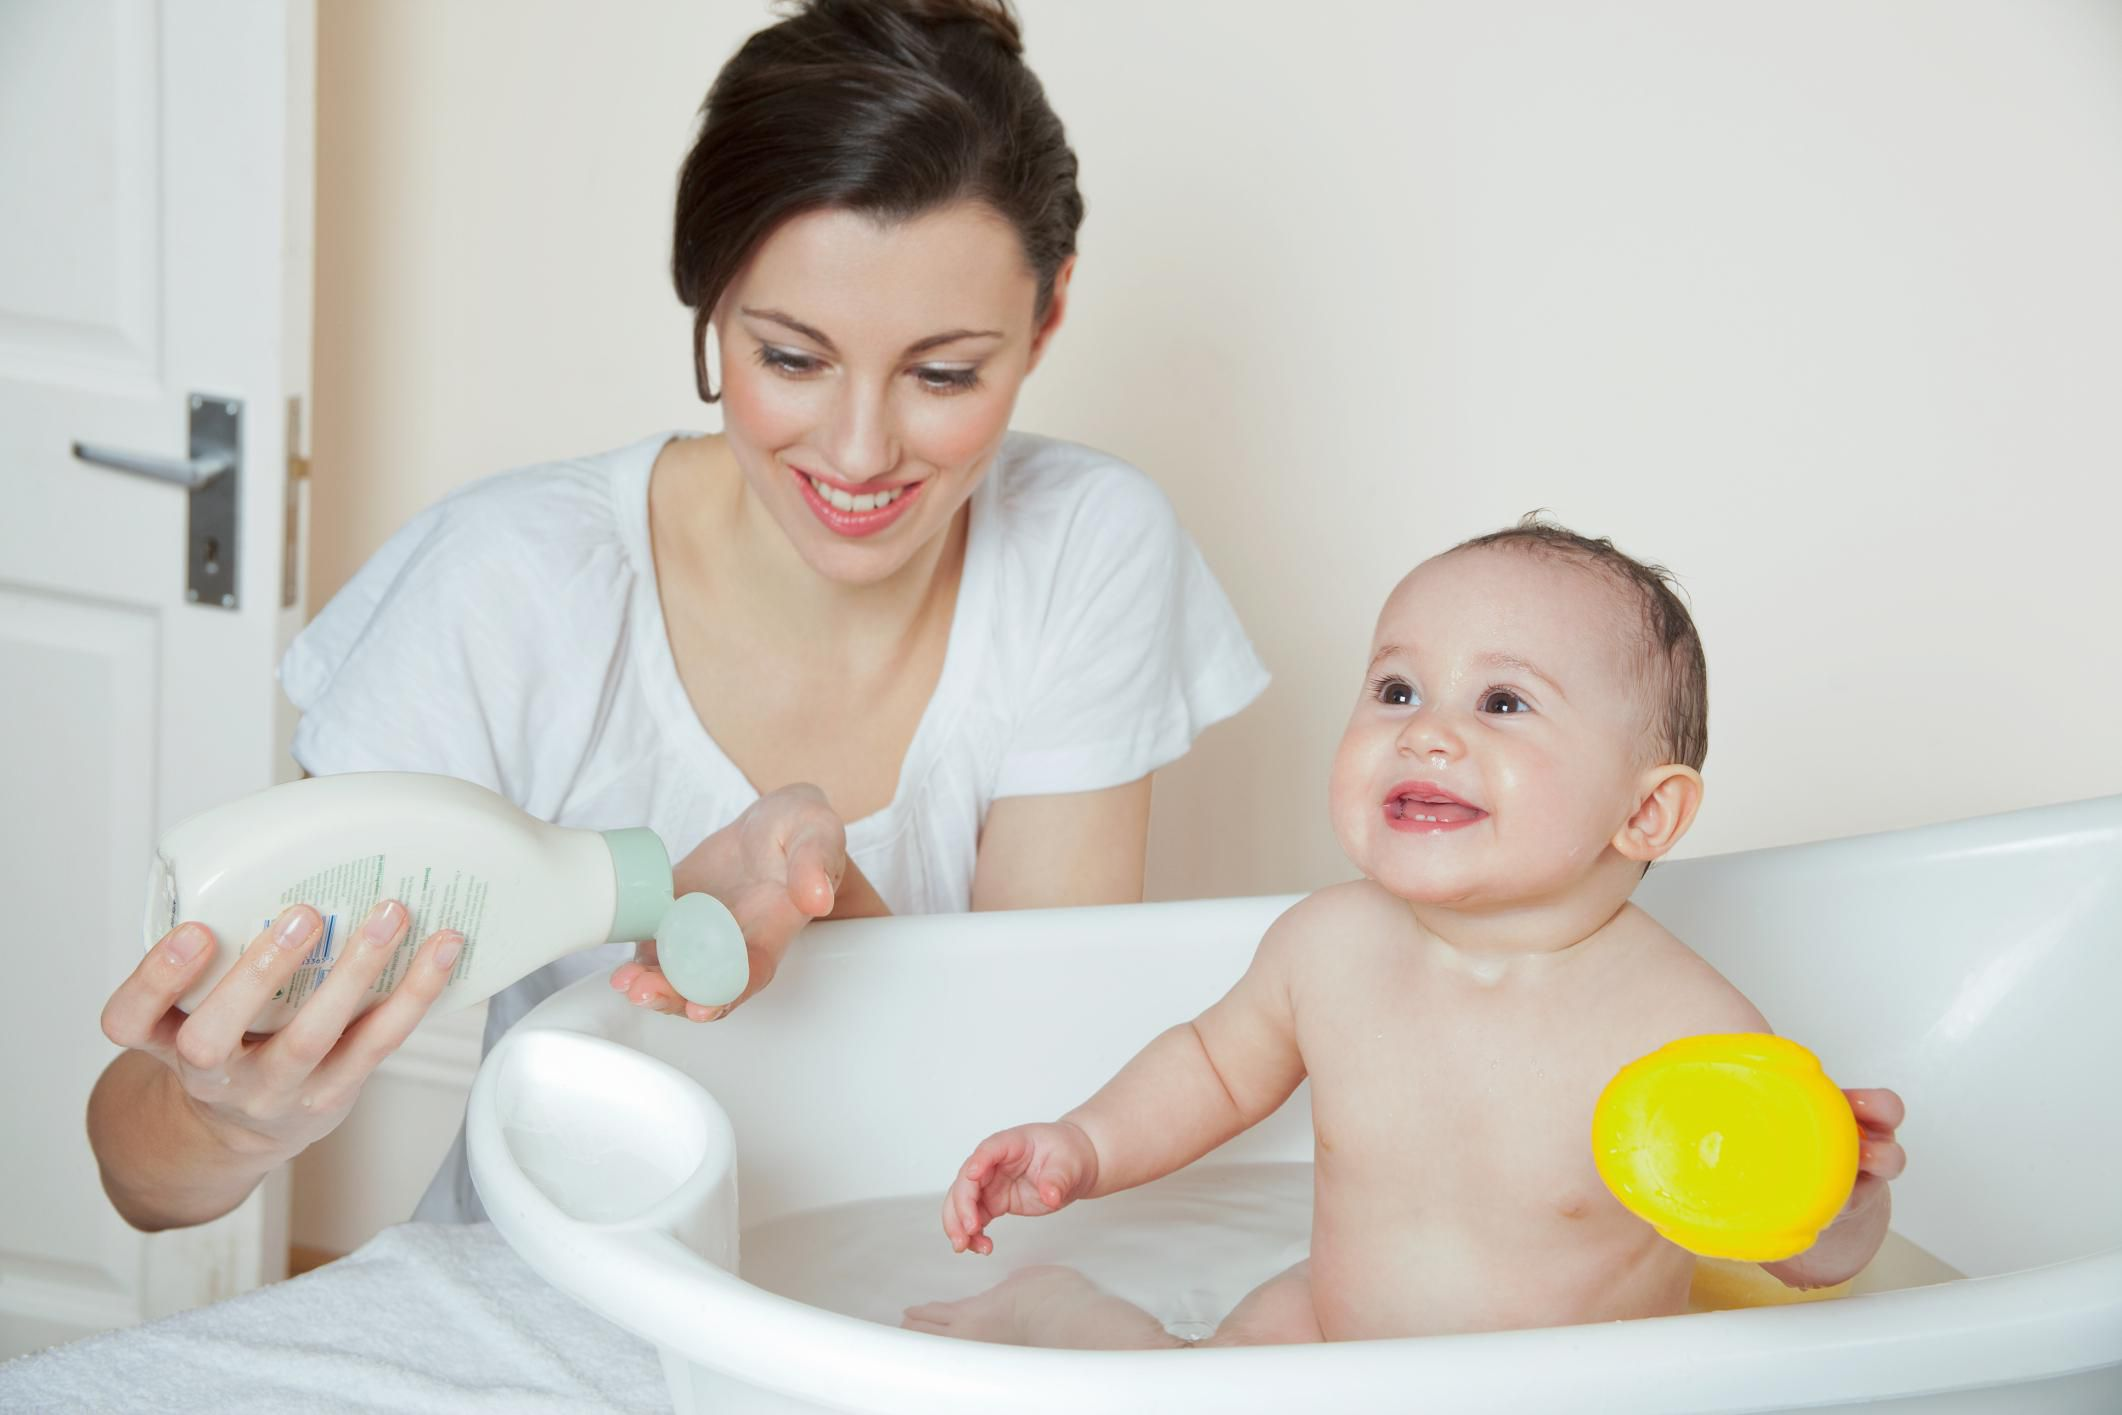 وان حمام نوزاد، وان کودک